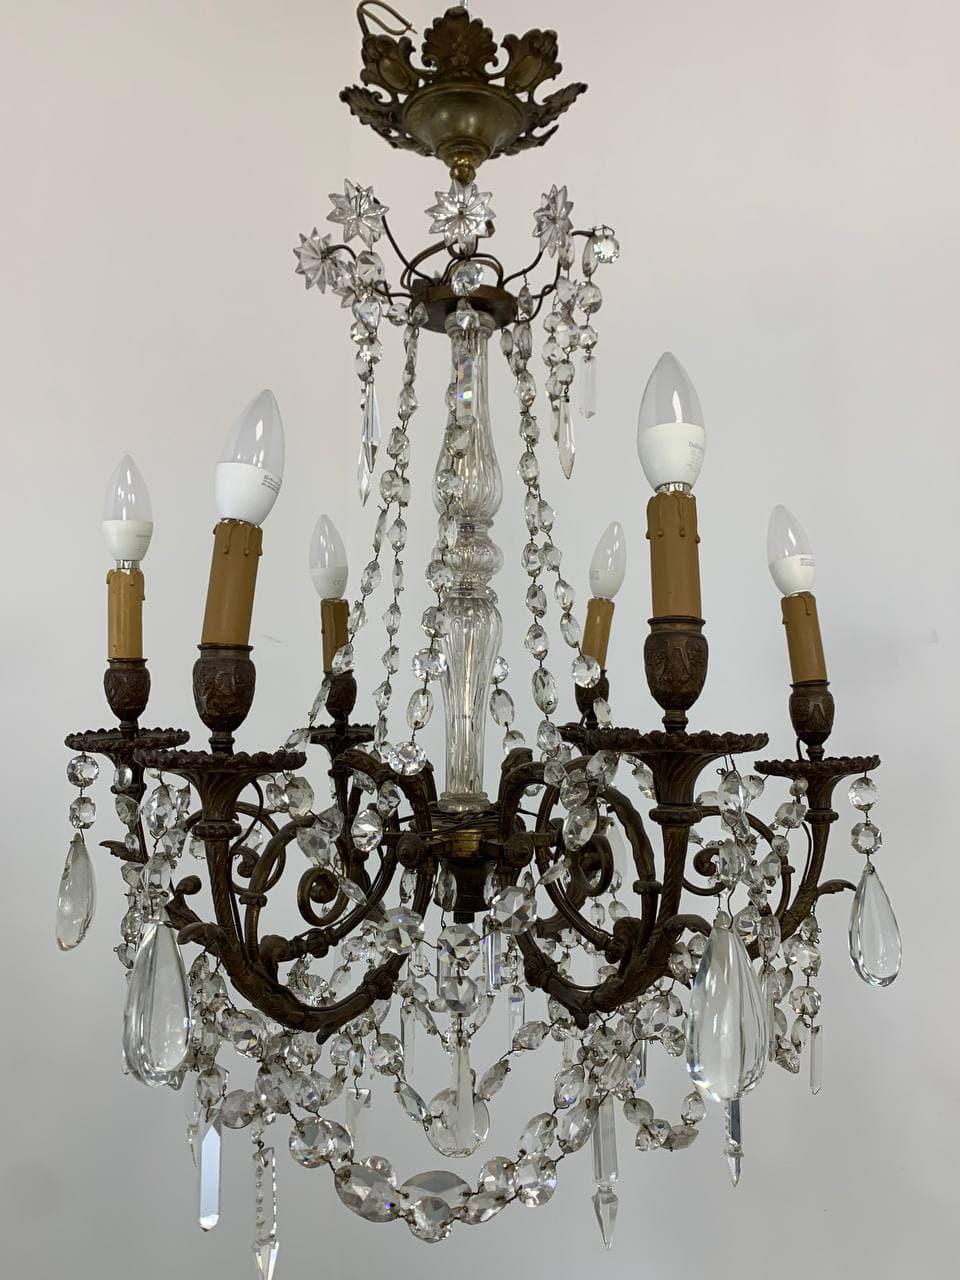 Антикварная подвесная люстра из бронзы и хрусталя